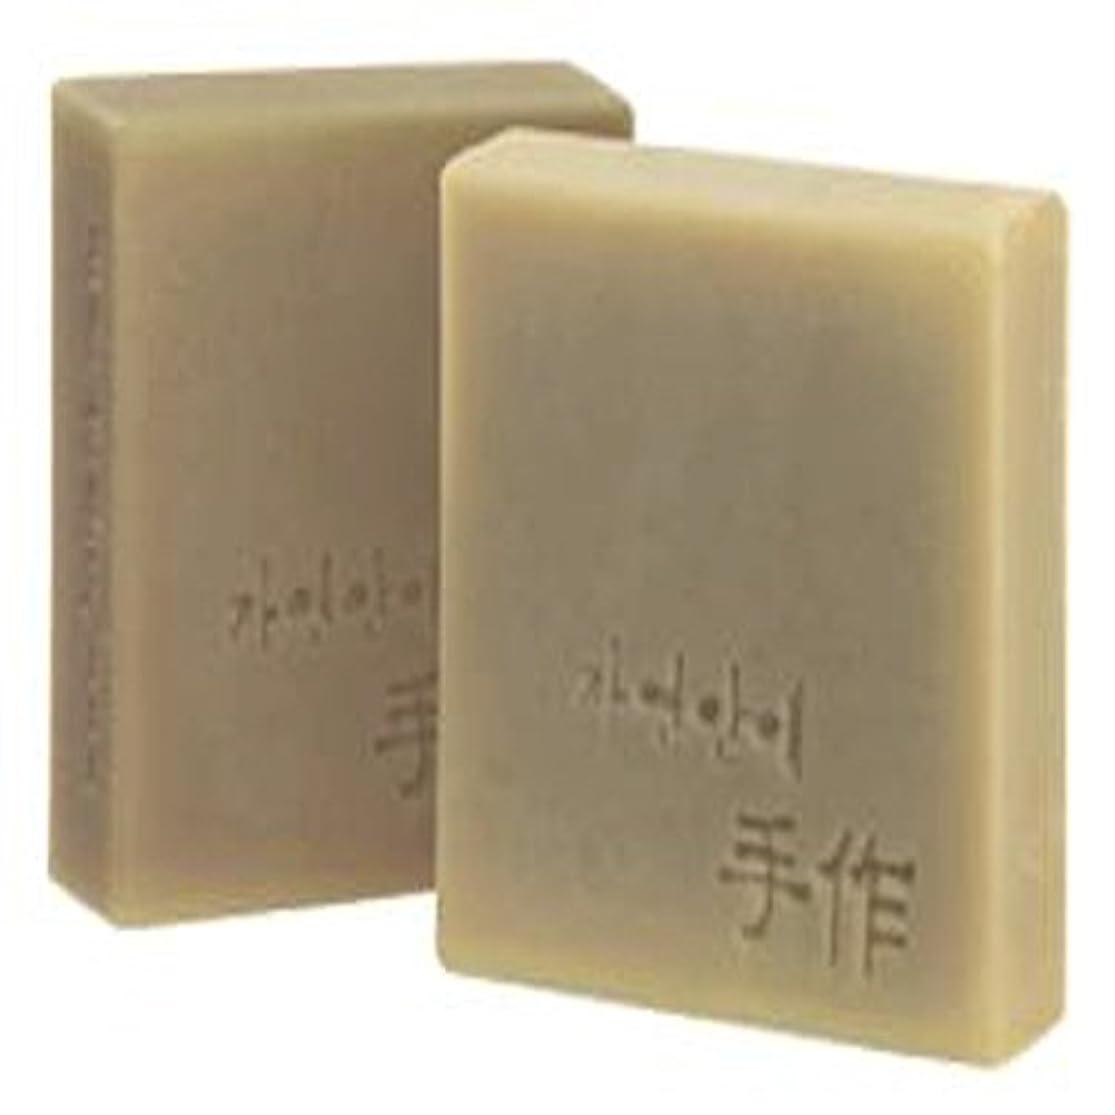 熱狂的な不平を言ううがいNatural organic 有機天然ソープ 固形 無添加 洗顔せっけん [並行輸入品] (SousAre)